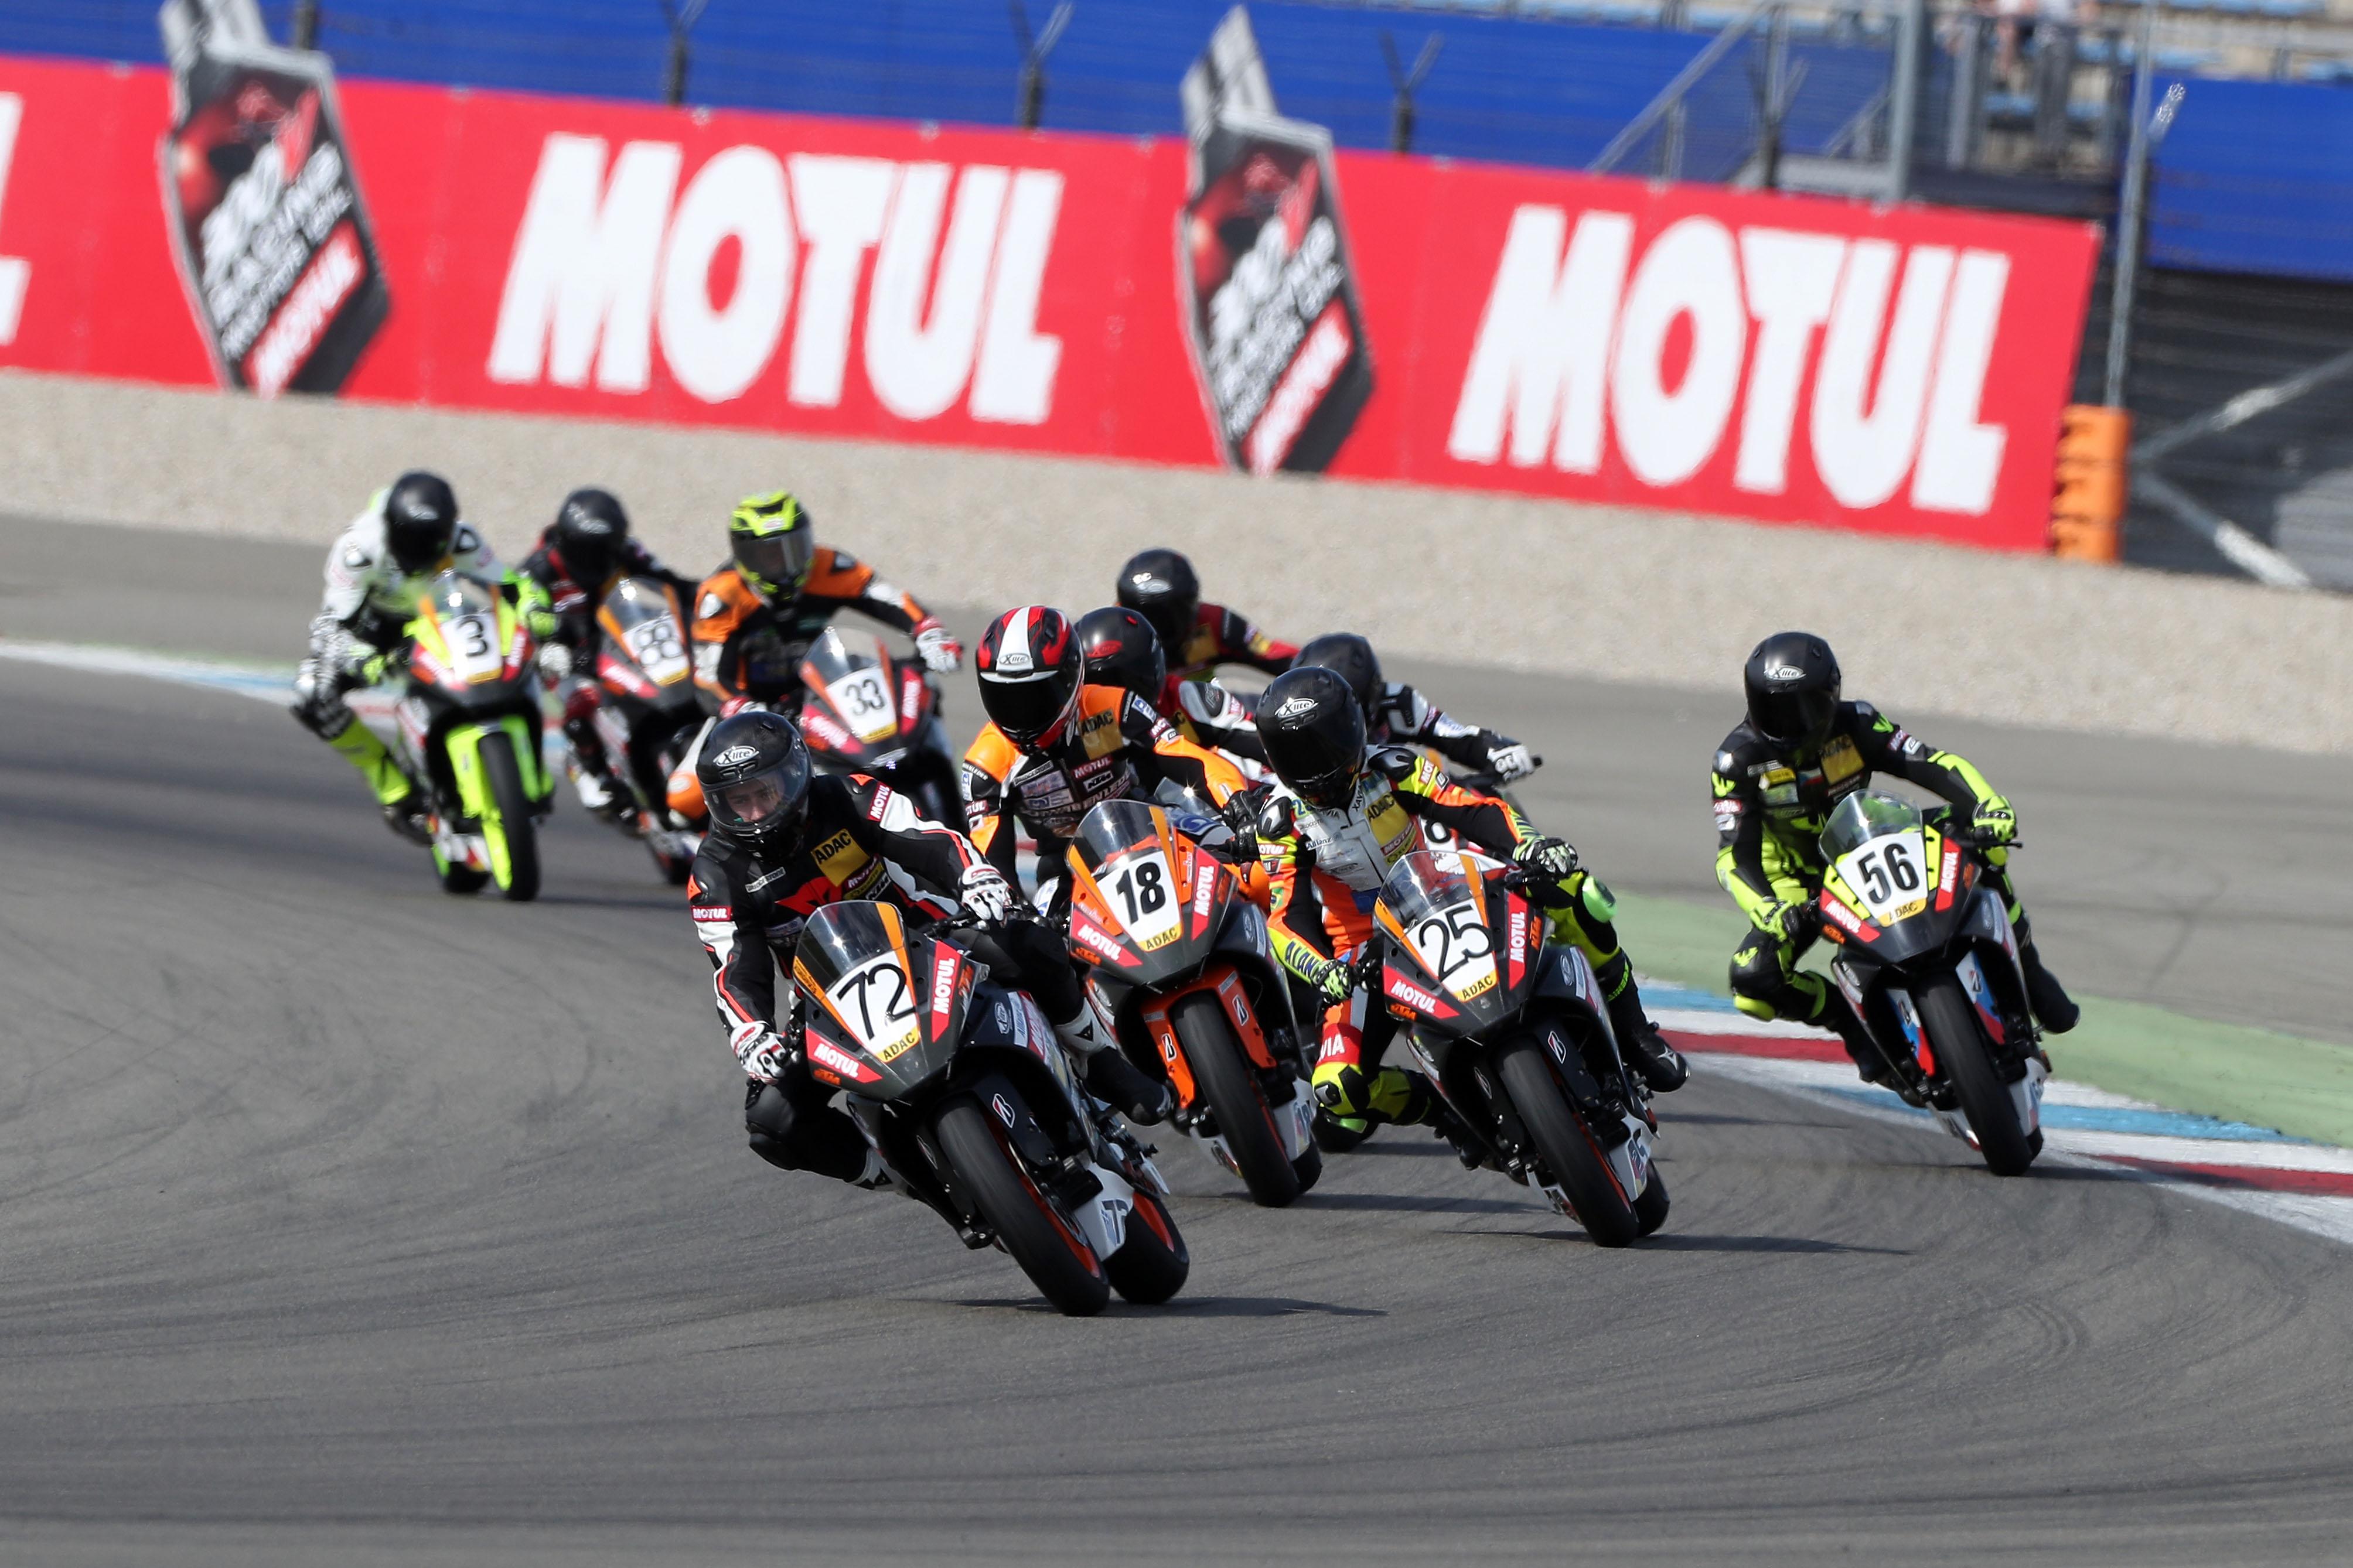 Veranstaltung im Rahmen der MotoGP auf dem Sachsenring